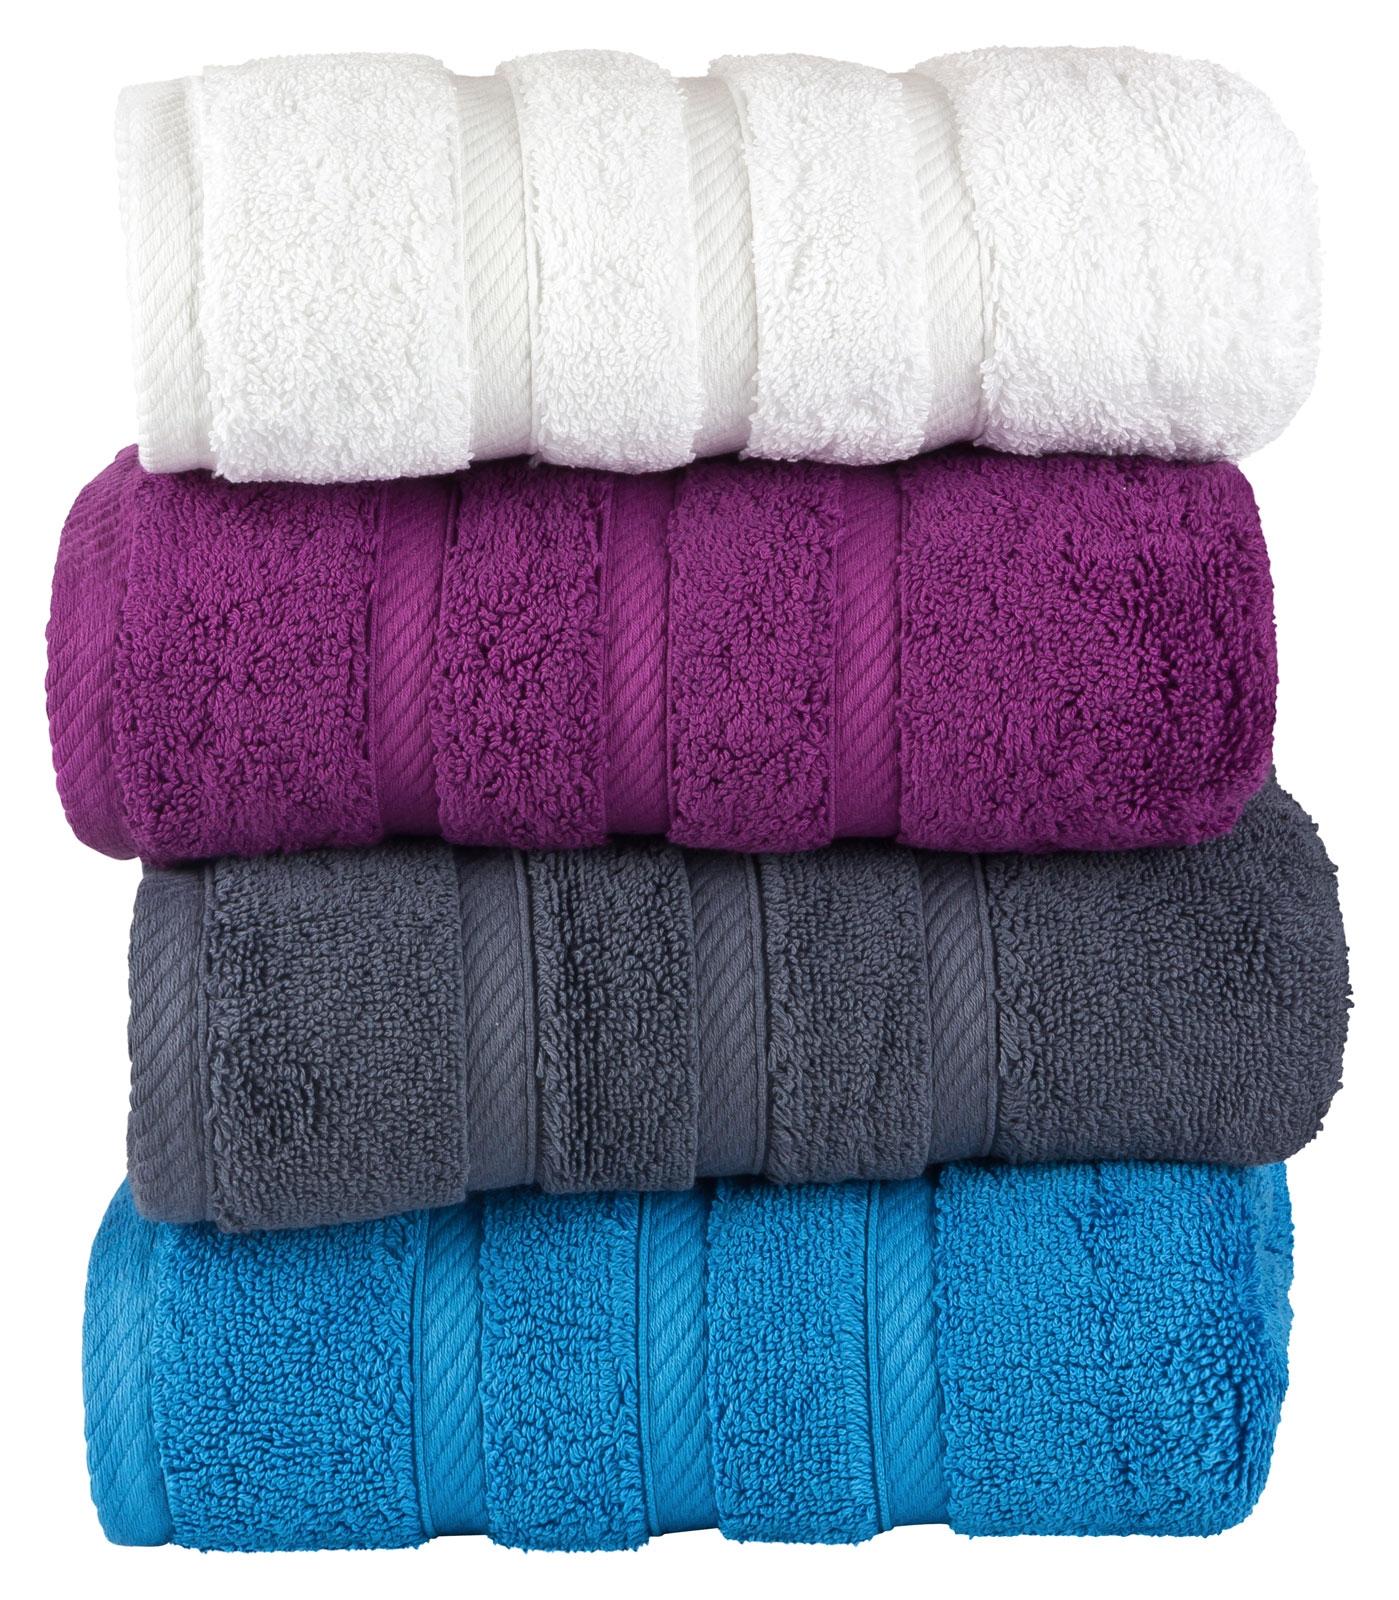 Handtücher Duschtücher Gästetücher Badetücher Frotte BAUMWOLLE Saunatuch Glatt